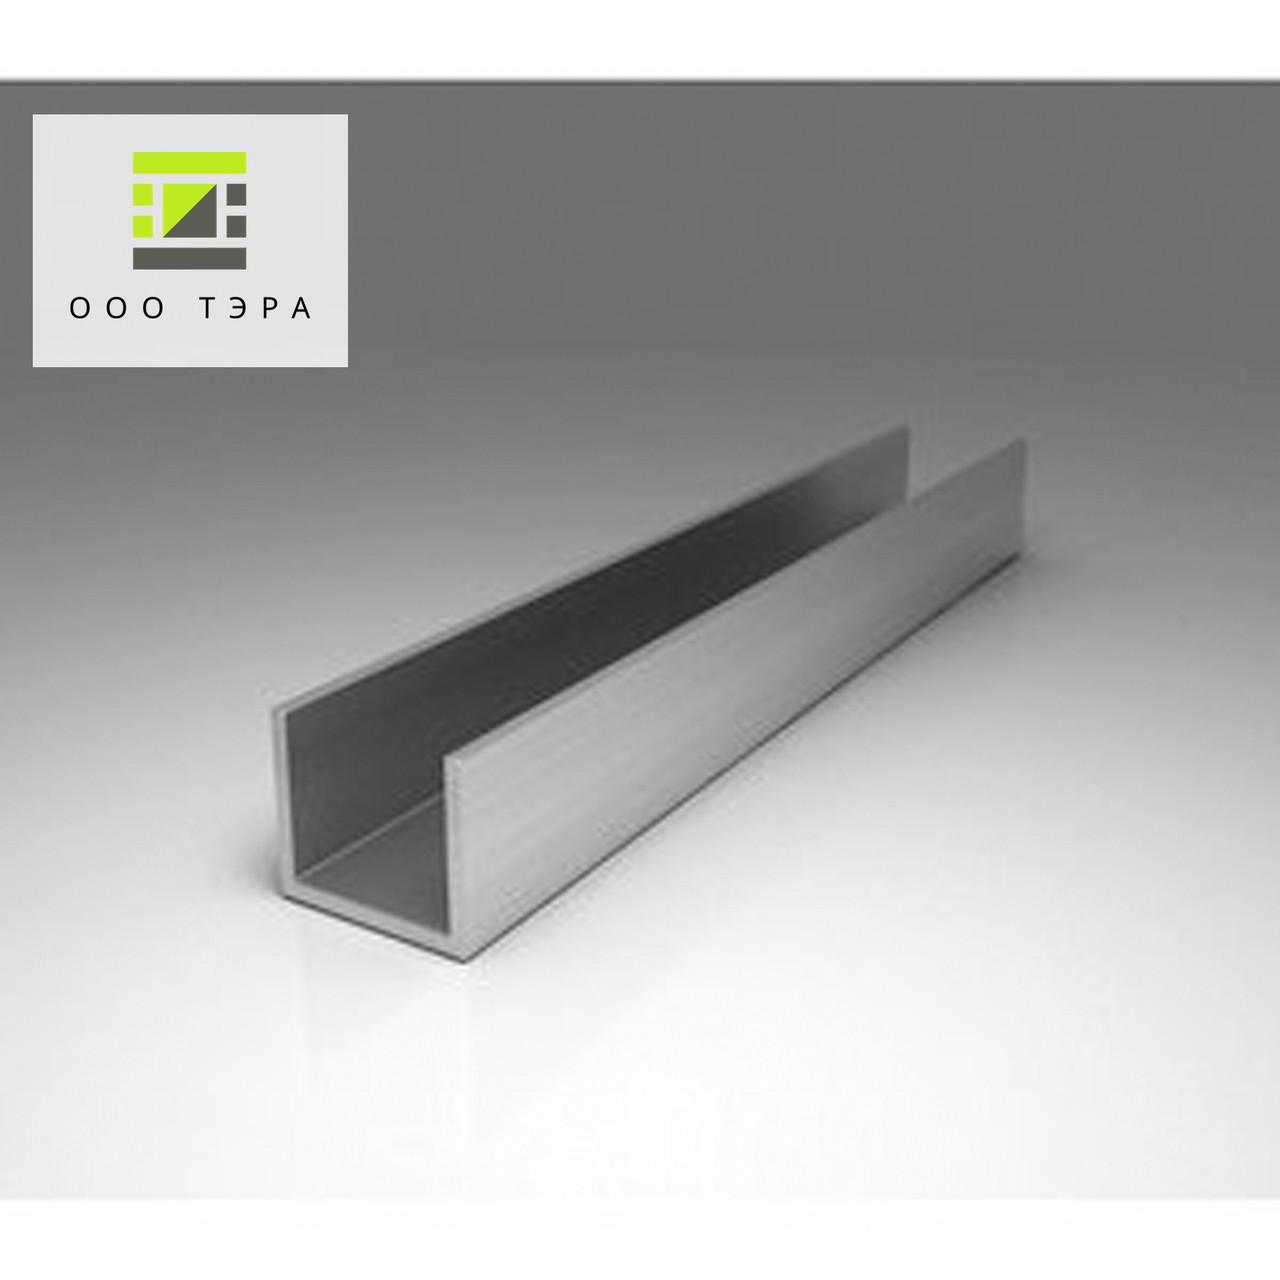 Швеллер алюминиевый 60 х 40 х 3 мм 6060 Т6 профиль п-образный АД31Т, прессованый